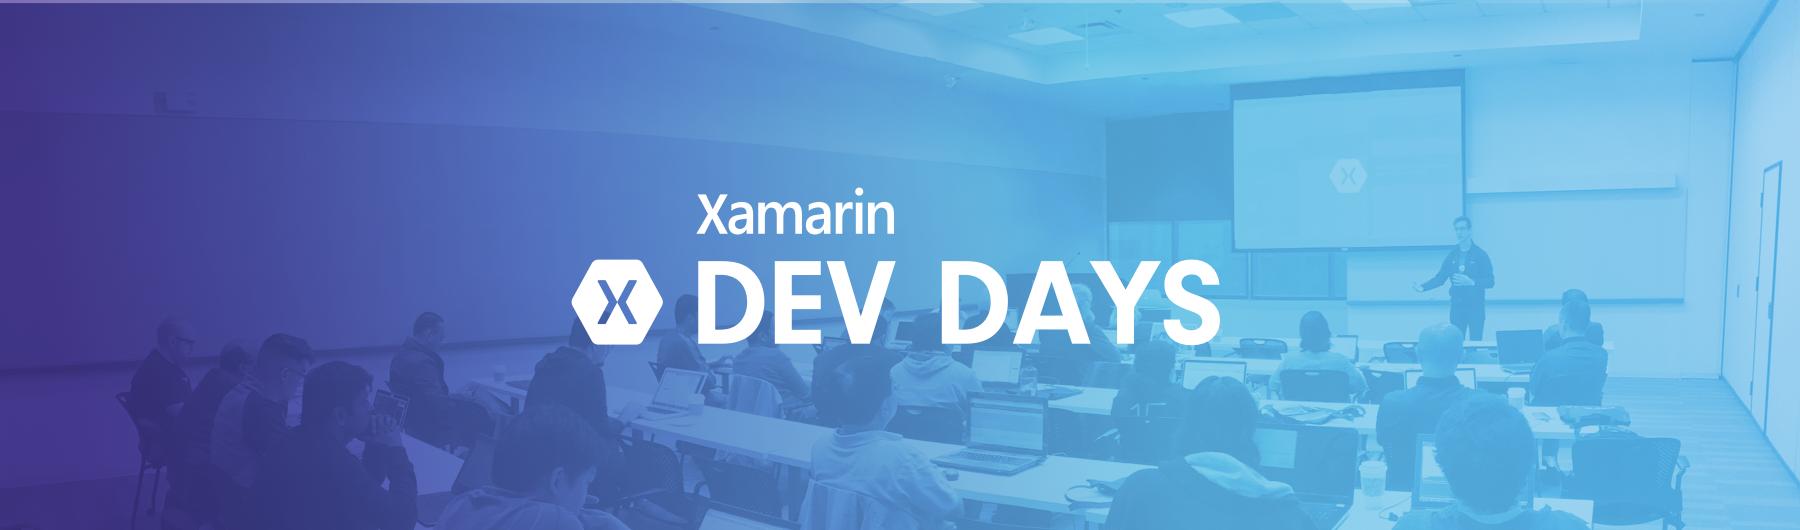 Xamarin Dev Days - Poznań